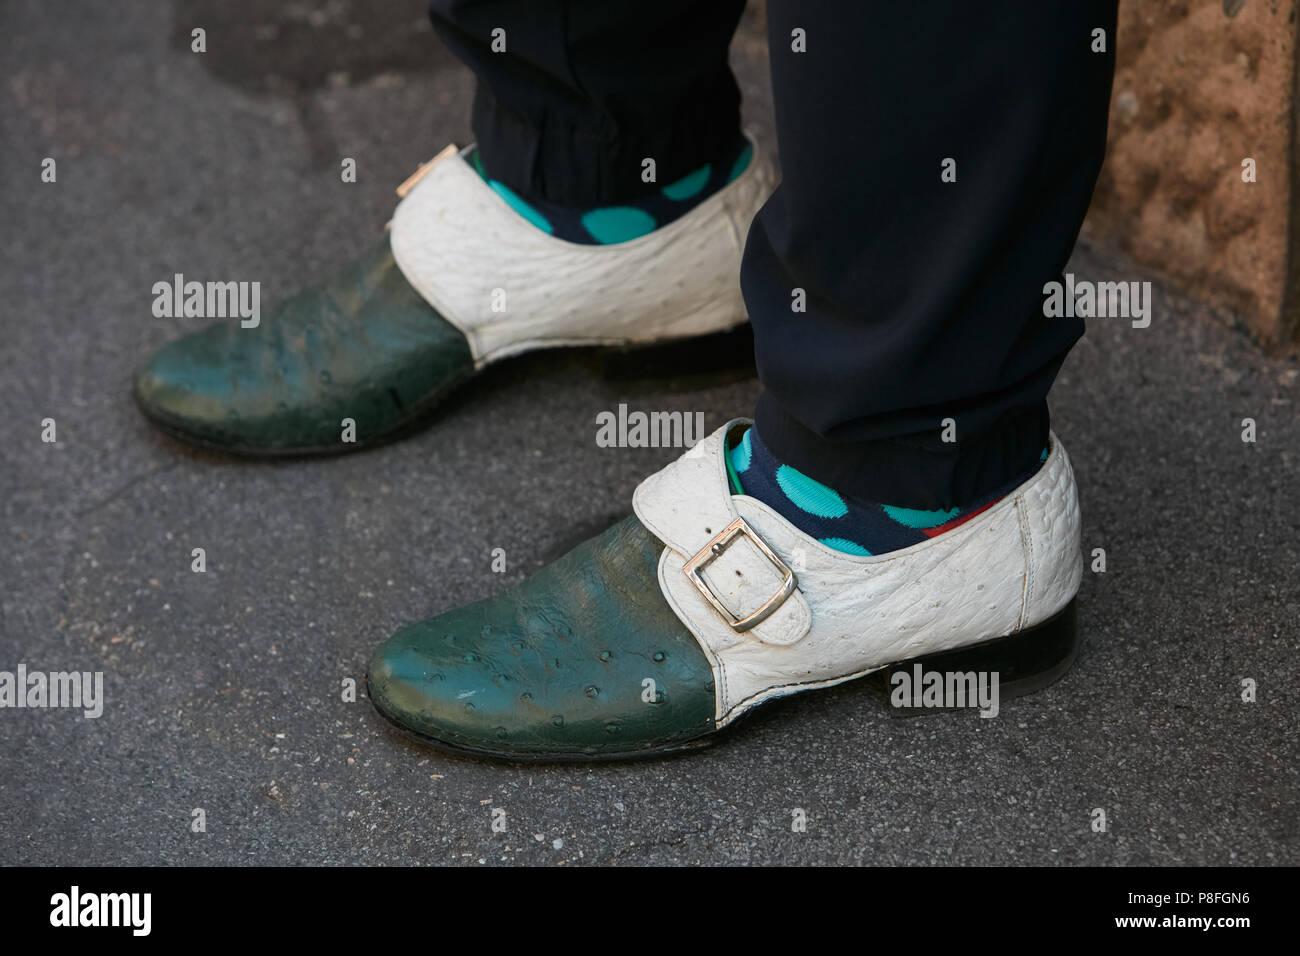 Milan 17 L'homme Chaussures Et Blanc JuinAvec En Cuir Vert rCxBodeW